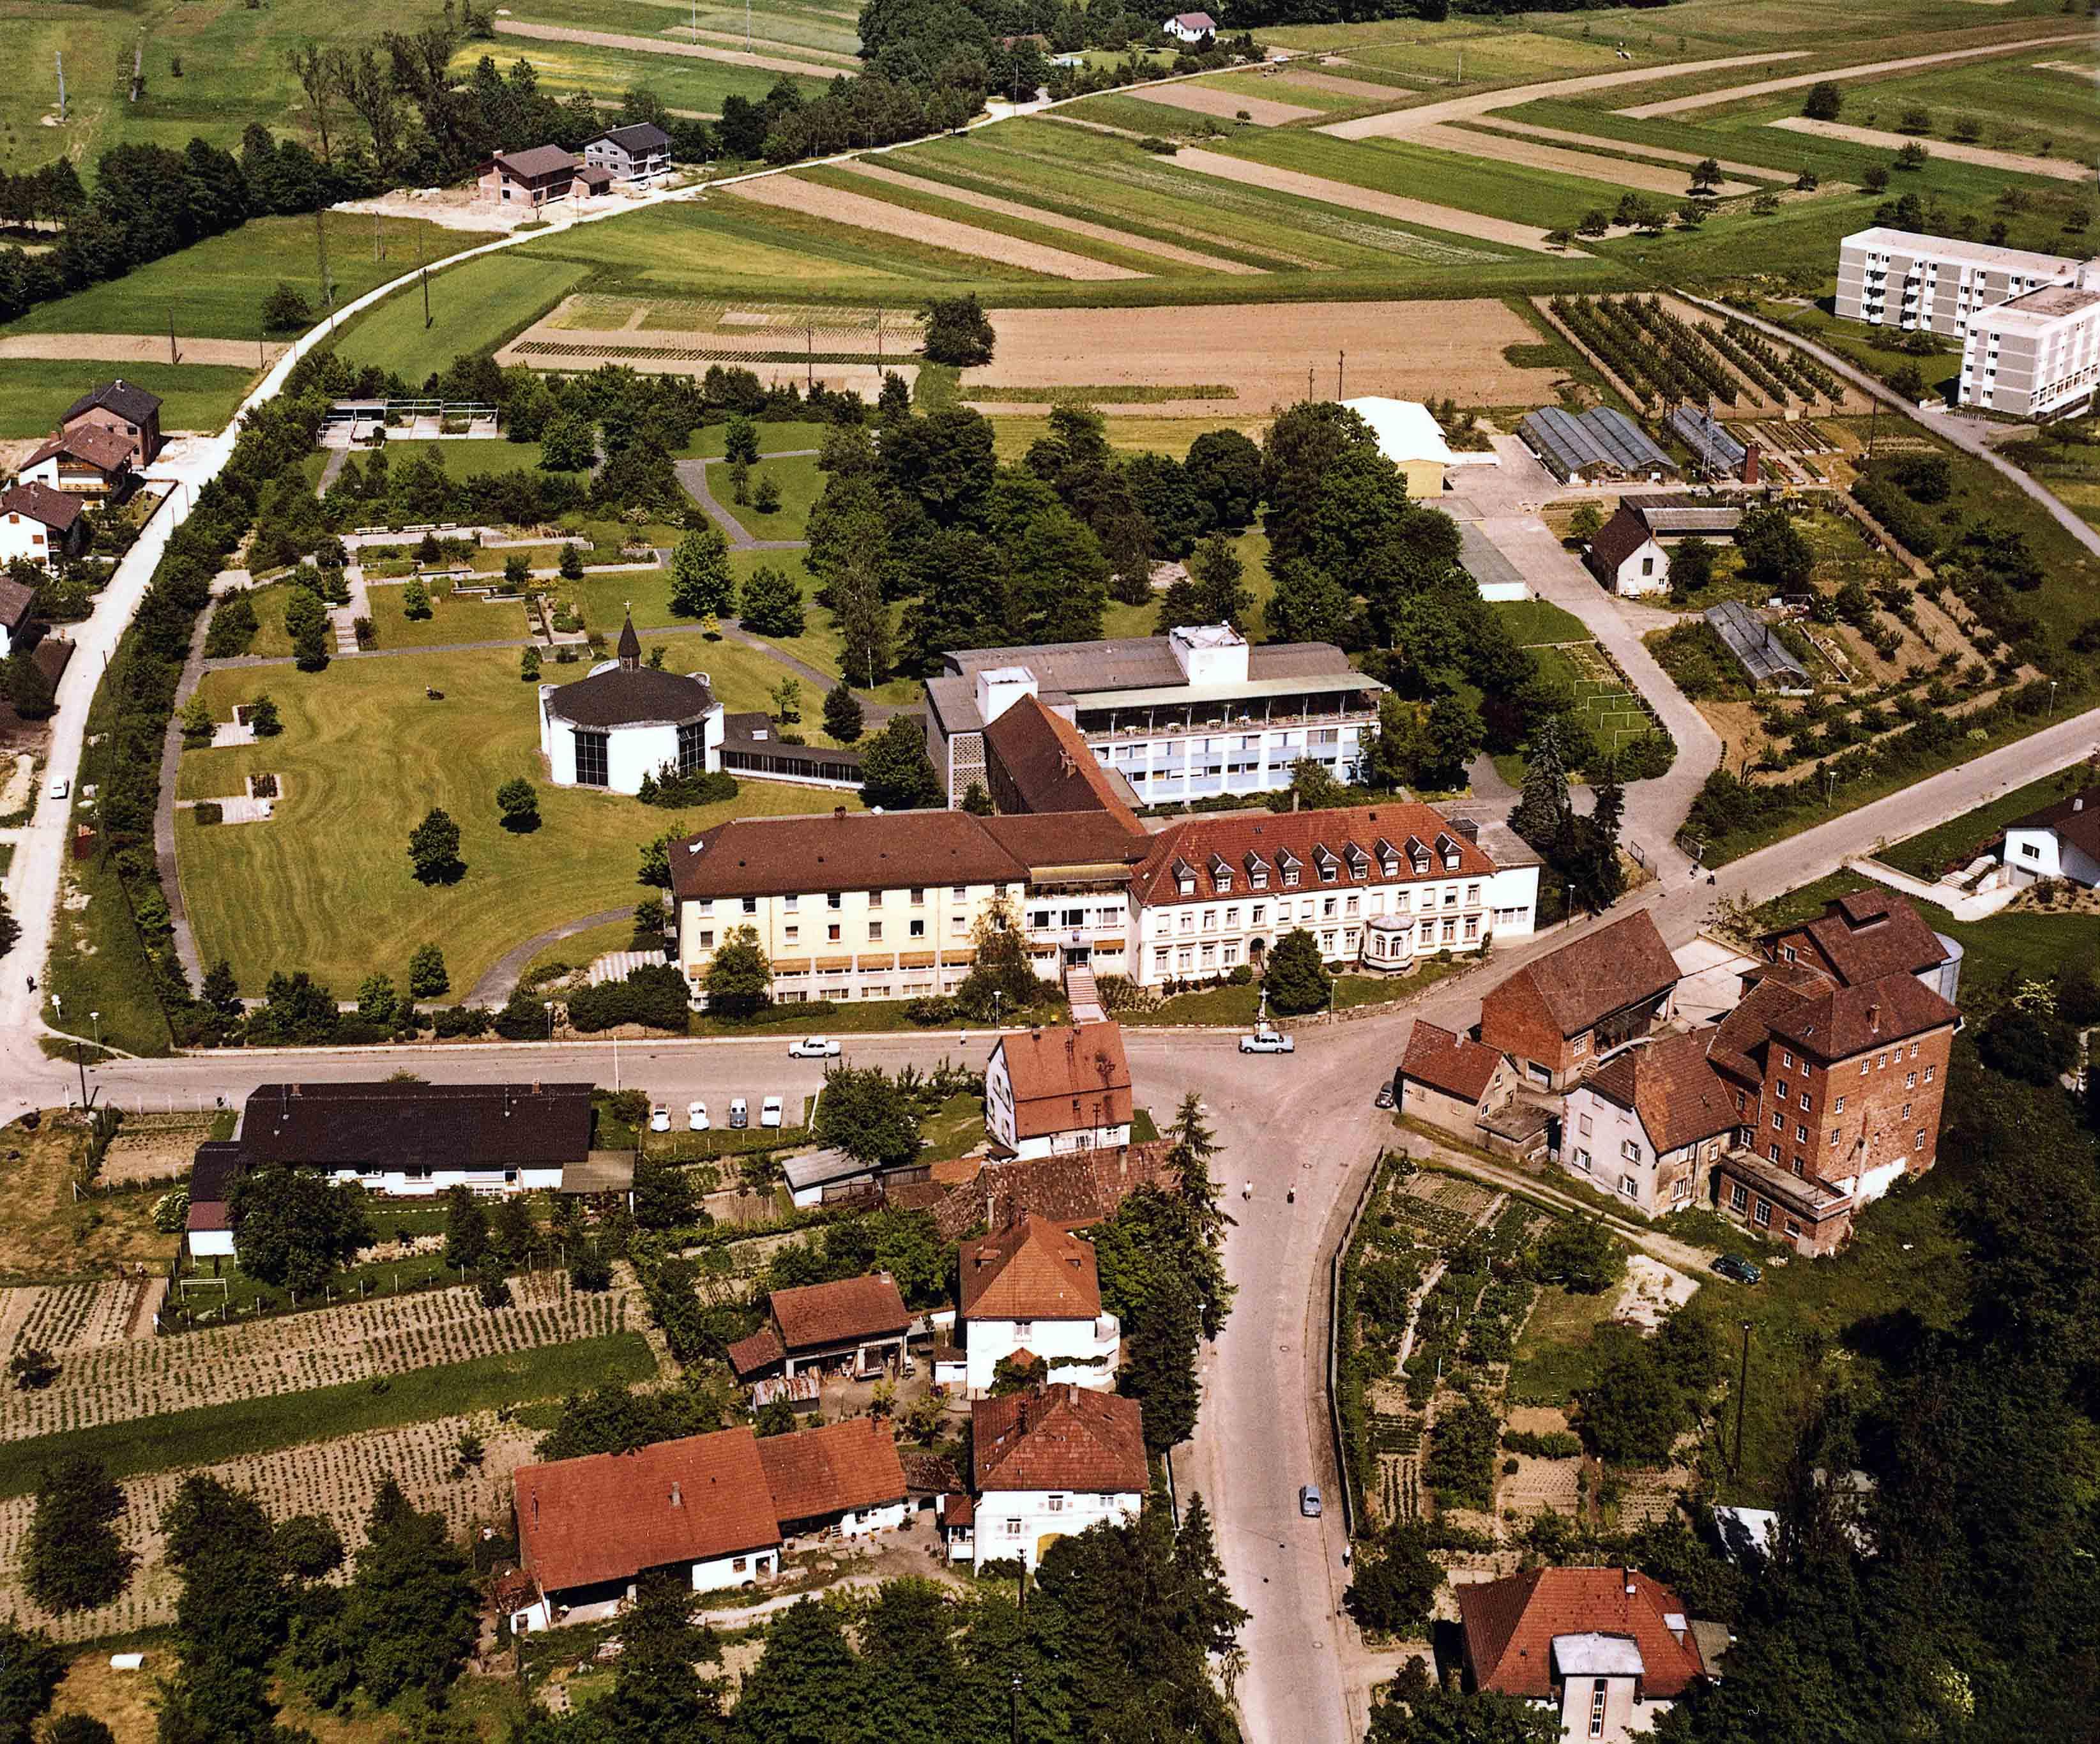 Historische Luftaufnahme des Sanatoriums Sankt Rochus - Mühle Weickgenant